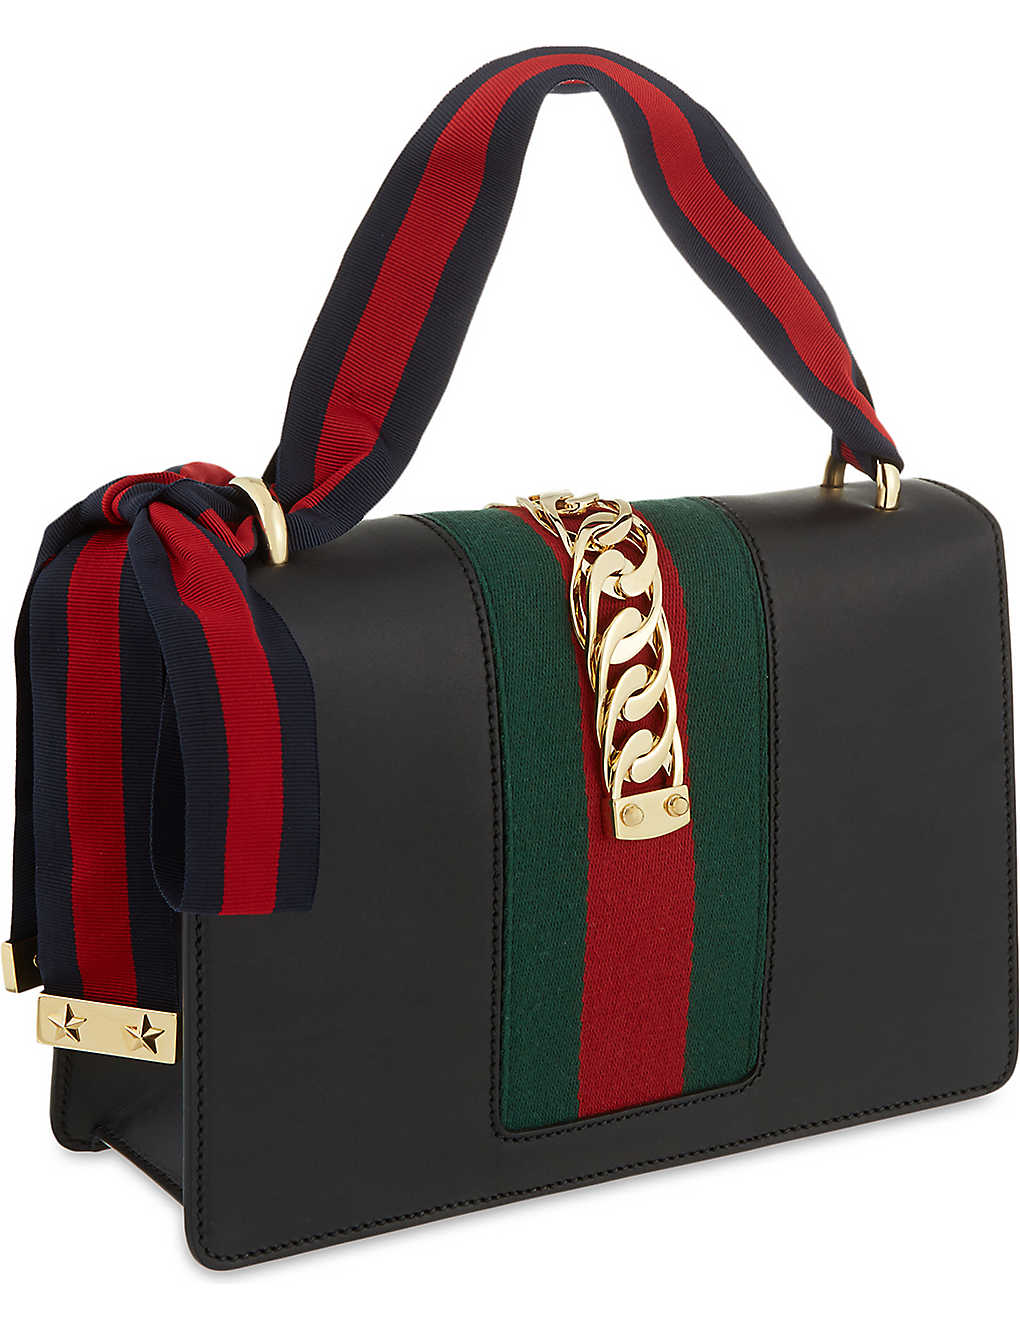 c7a3c00cbb7 GUCCI - Sylvie leather shoulder bag